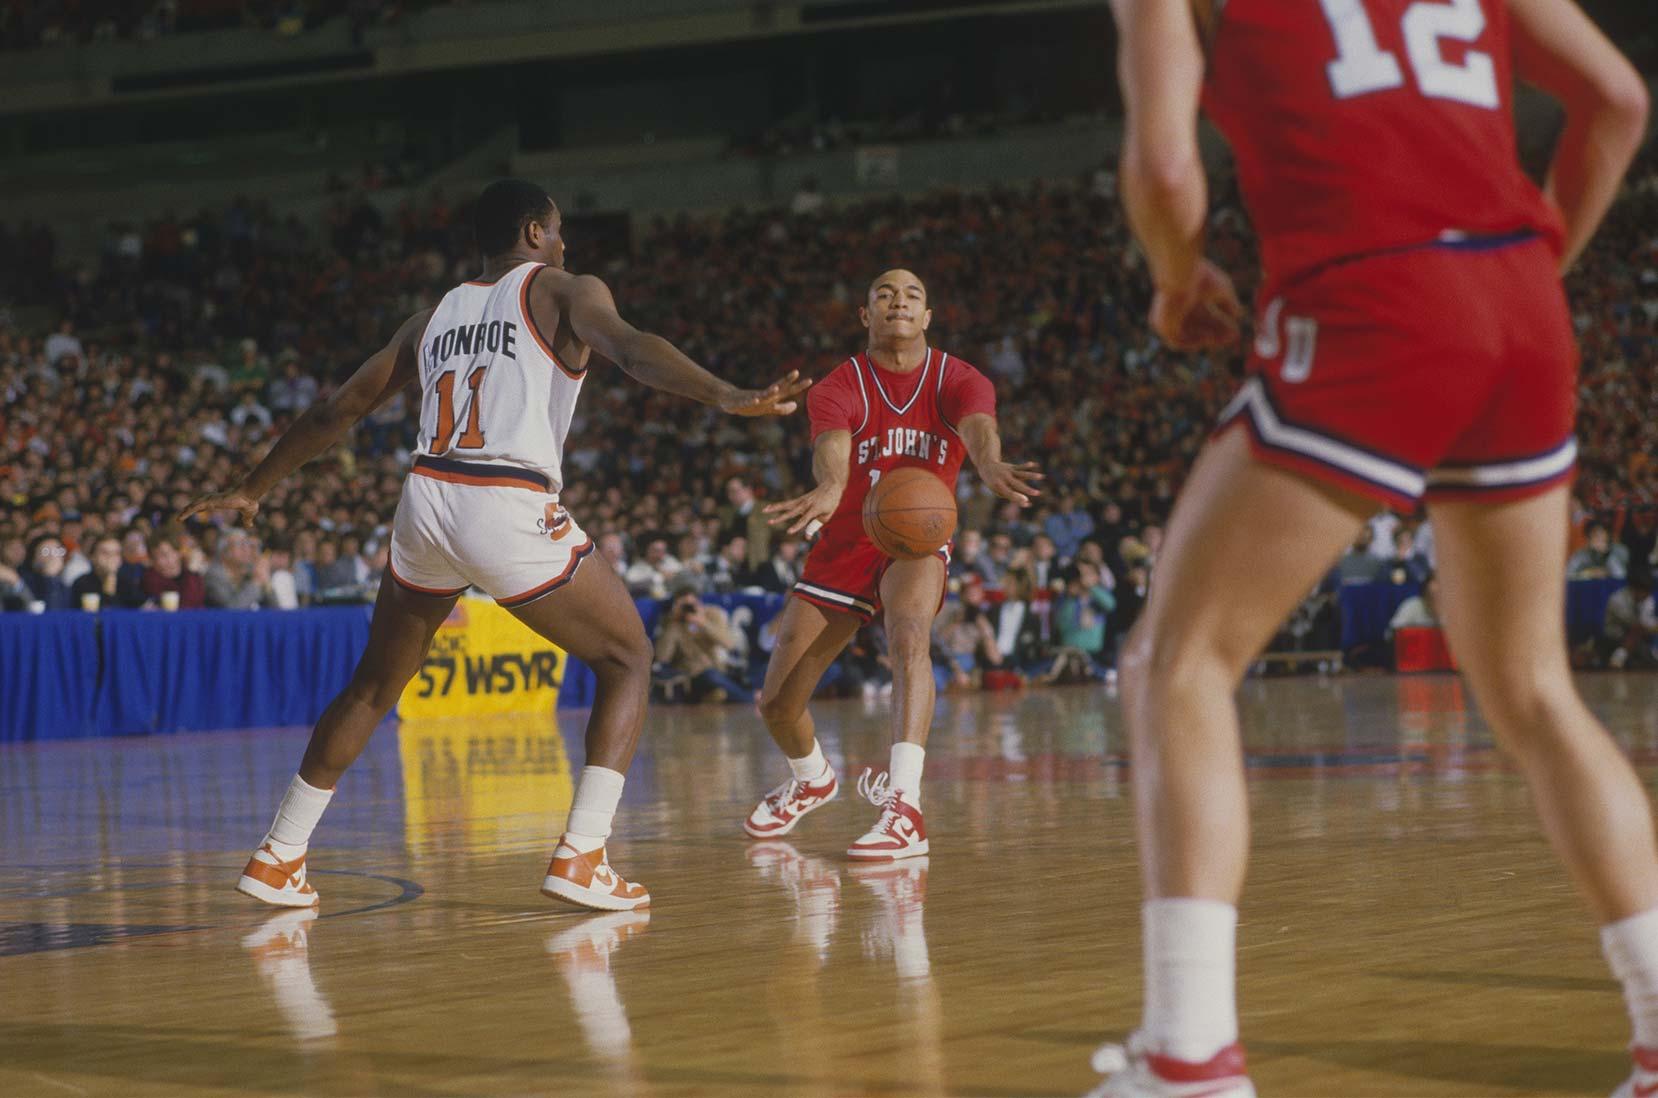 Mark Jackson von St. John im Spiel gegen Syracuse, 1980er Jahre © Focus on Sport/Getty Images